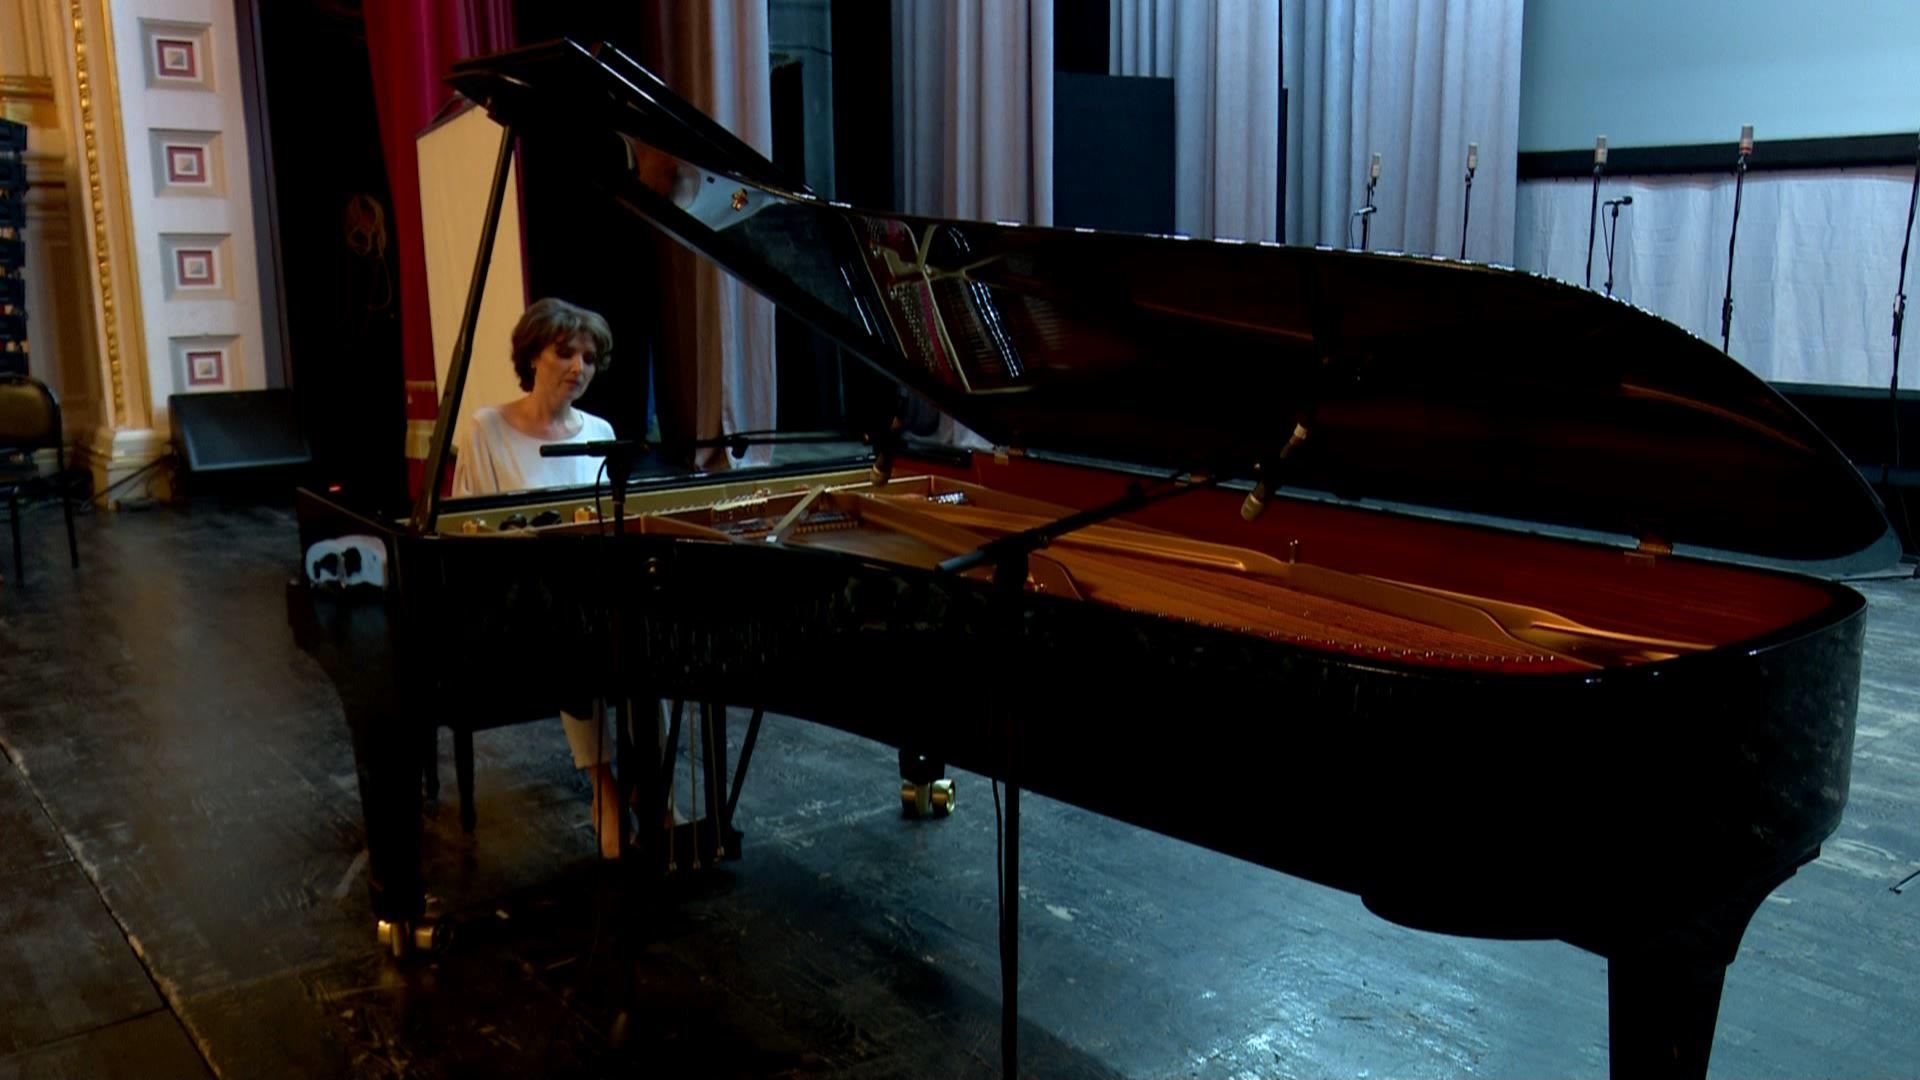 კლასიკური მუსიკის საერთაშორისო ფესტივალი სრუდელბა